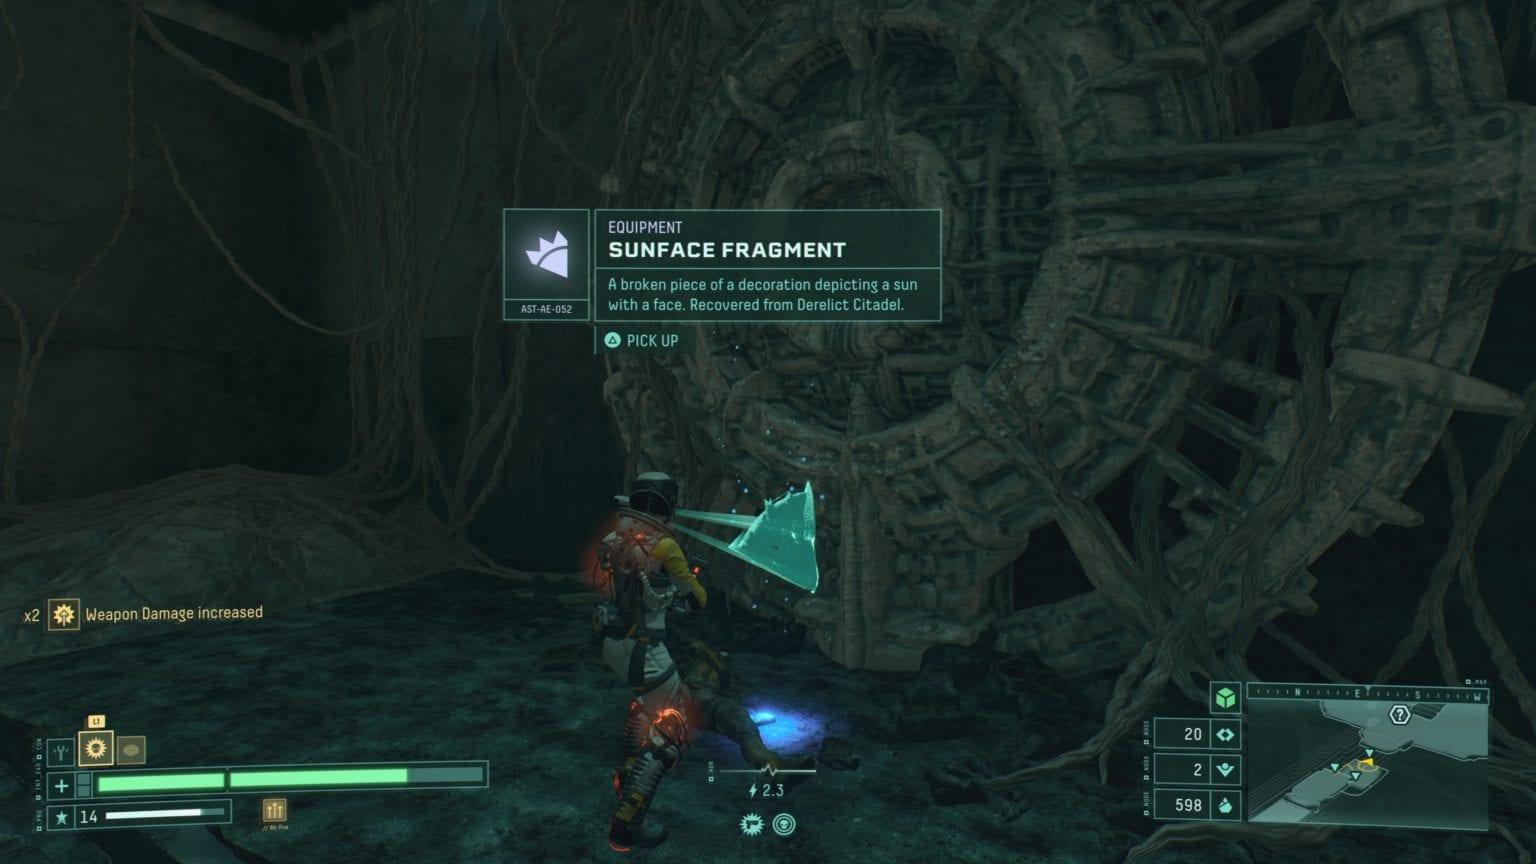 Location 3: Dilapidated Citadel